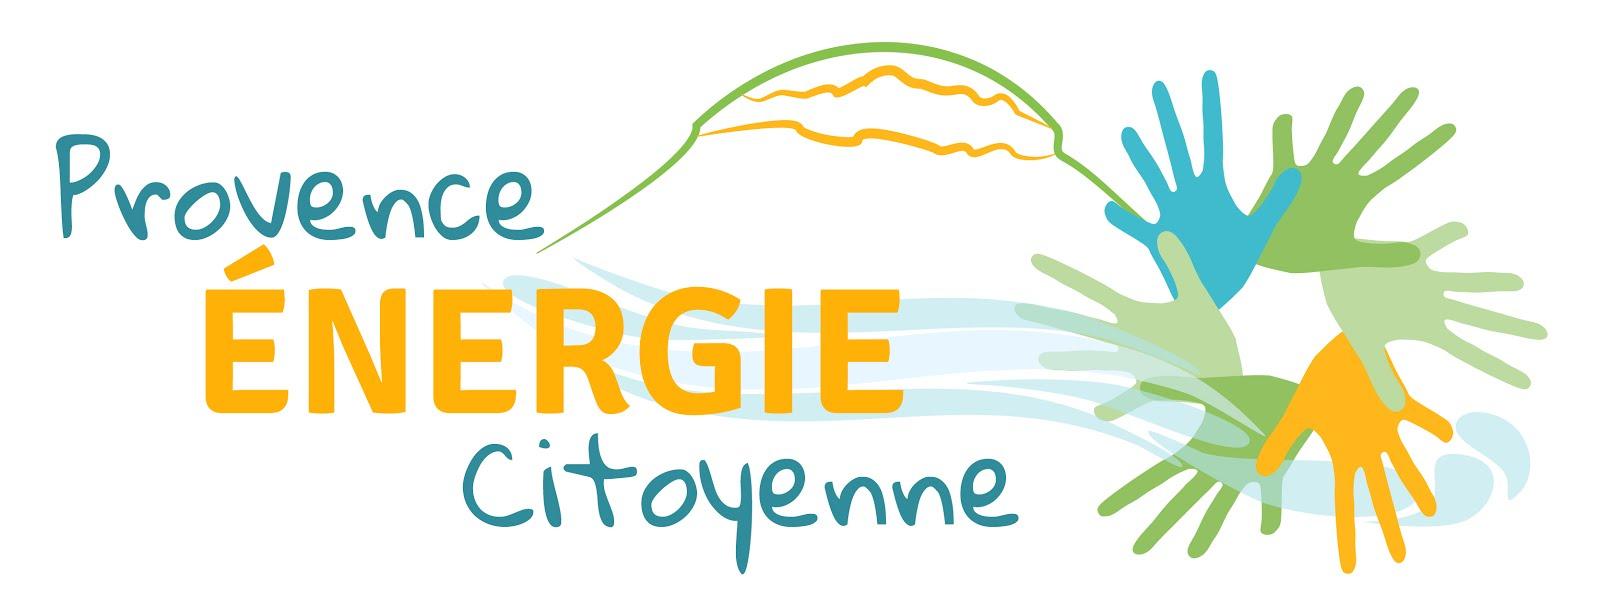 Provence Energie Citoyenne